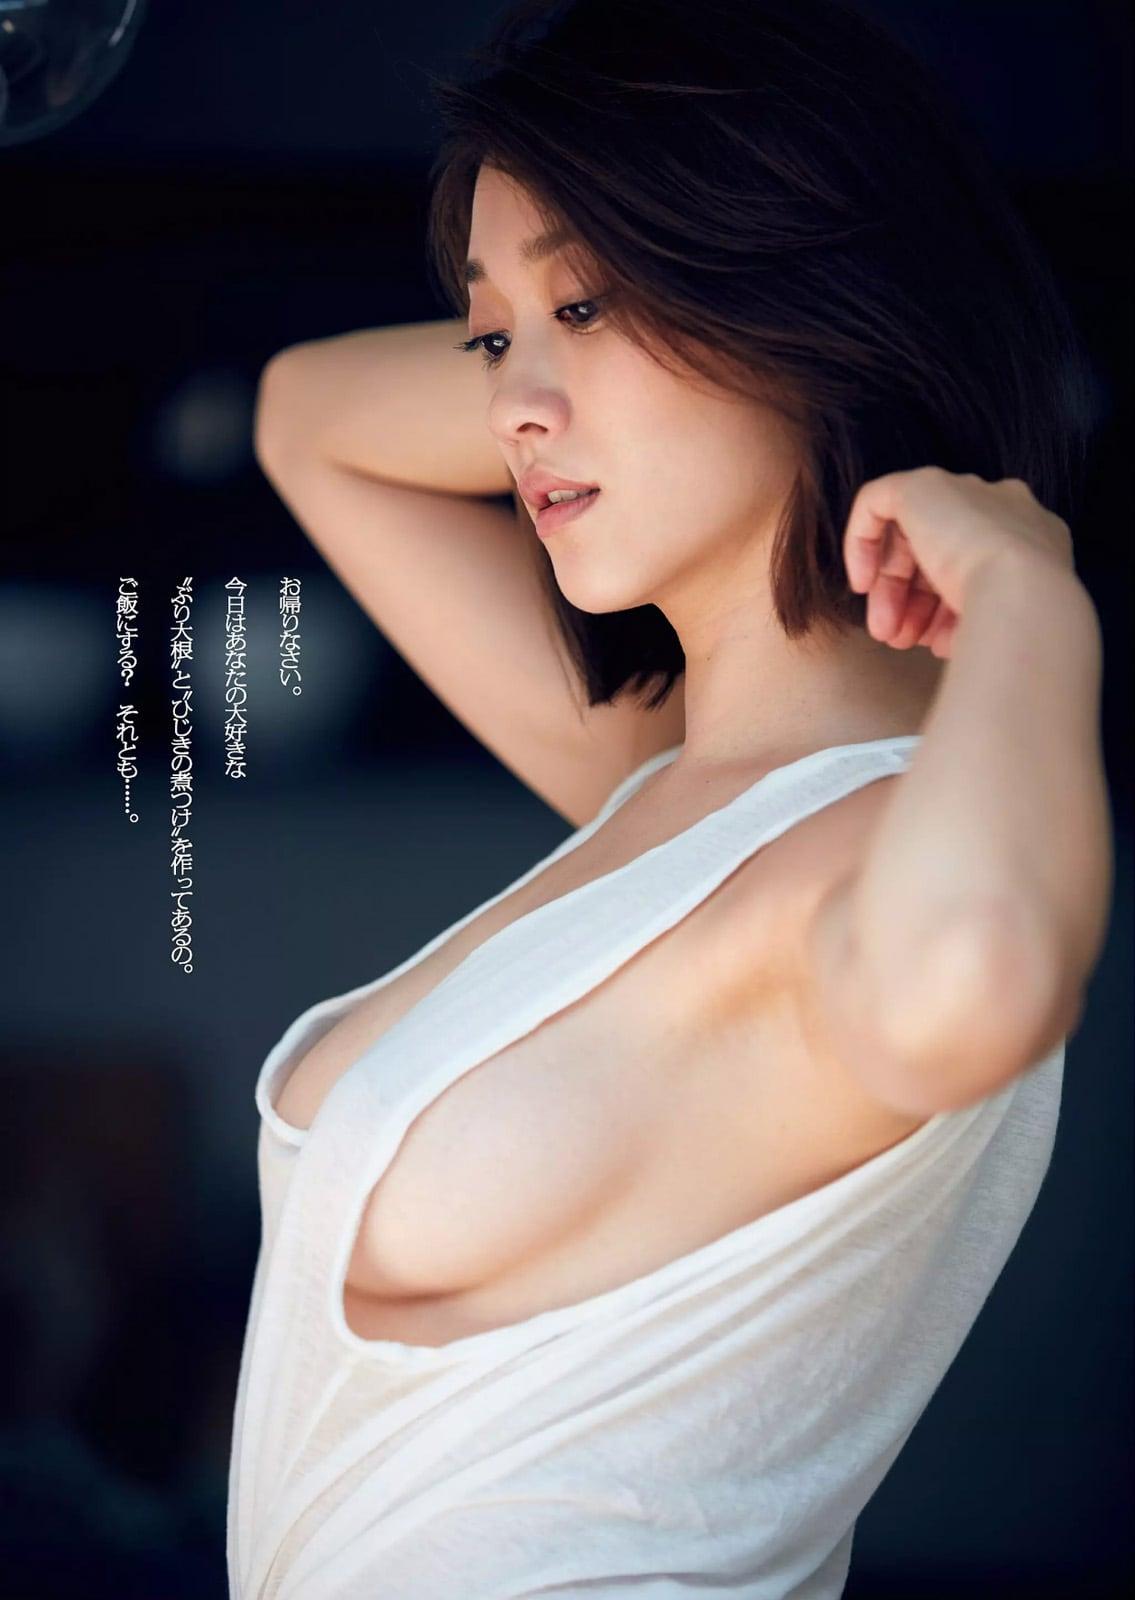 「週刊プレイボーイ 2016 No.41」原幹恵のノーブラおっぱいグラビア